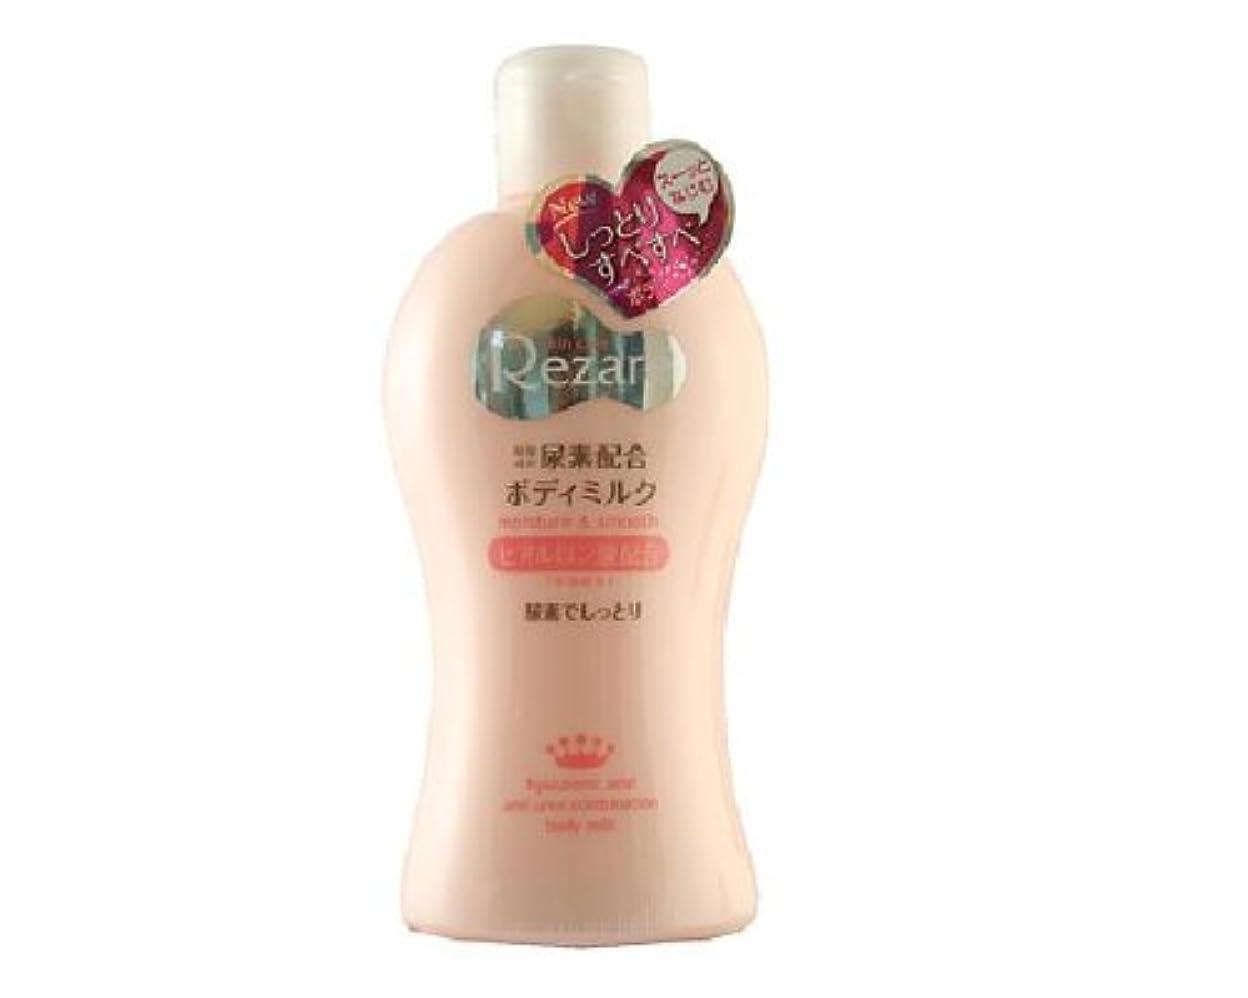 くつろぎ巻き取り憂鬱なレザレ ボディミルク(H) 尿素配合ボディ用乳液 230g